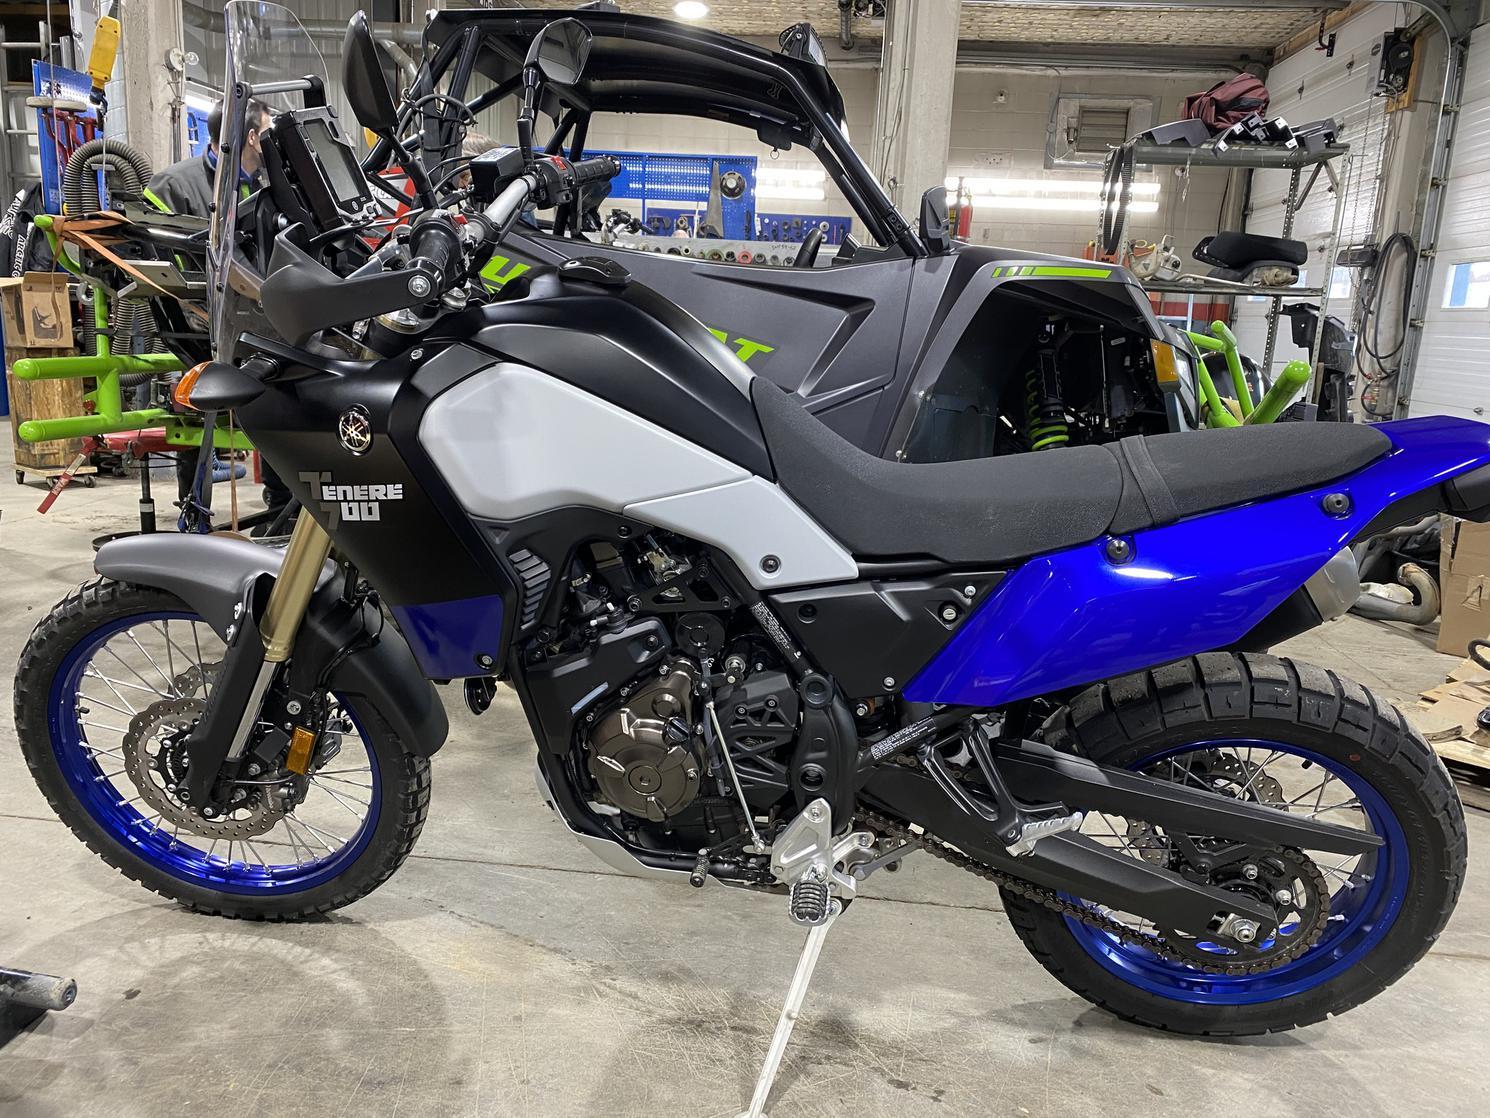 2021 Yamaha Ténéré 700 XTZ 700